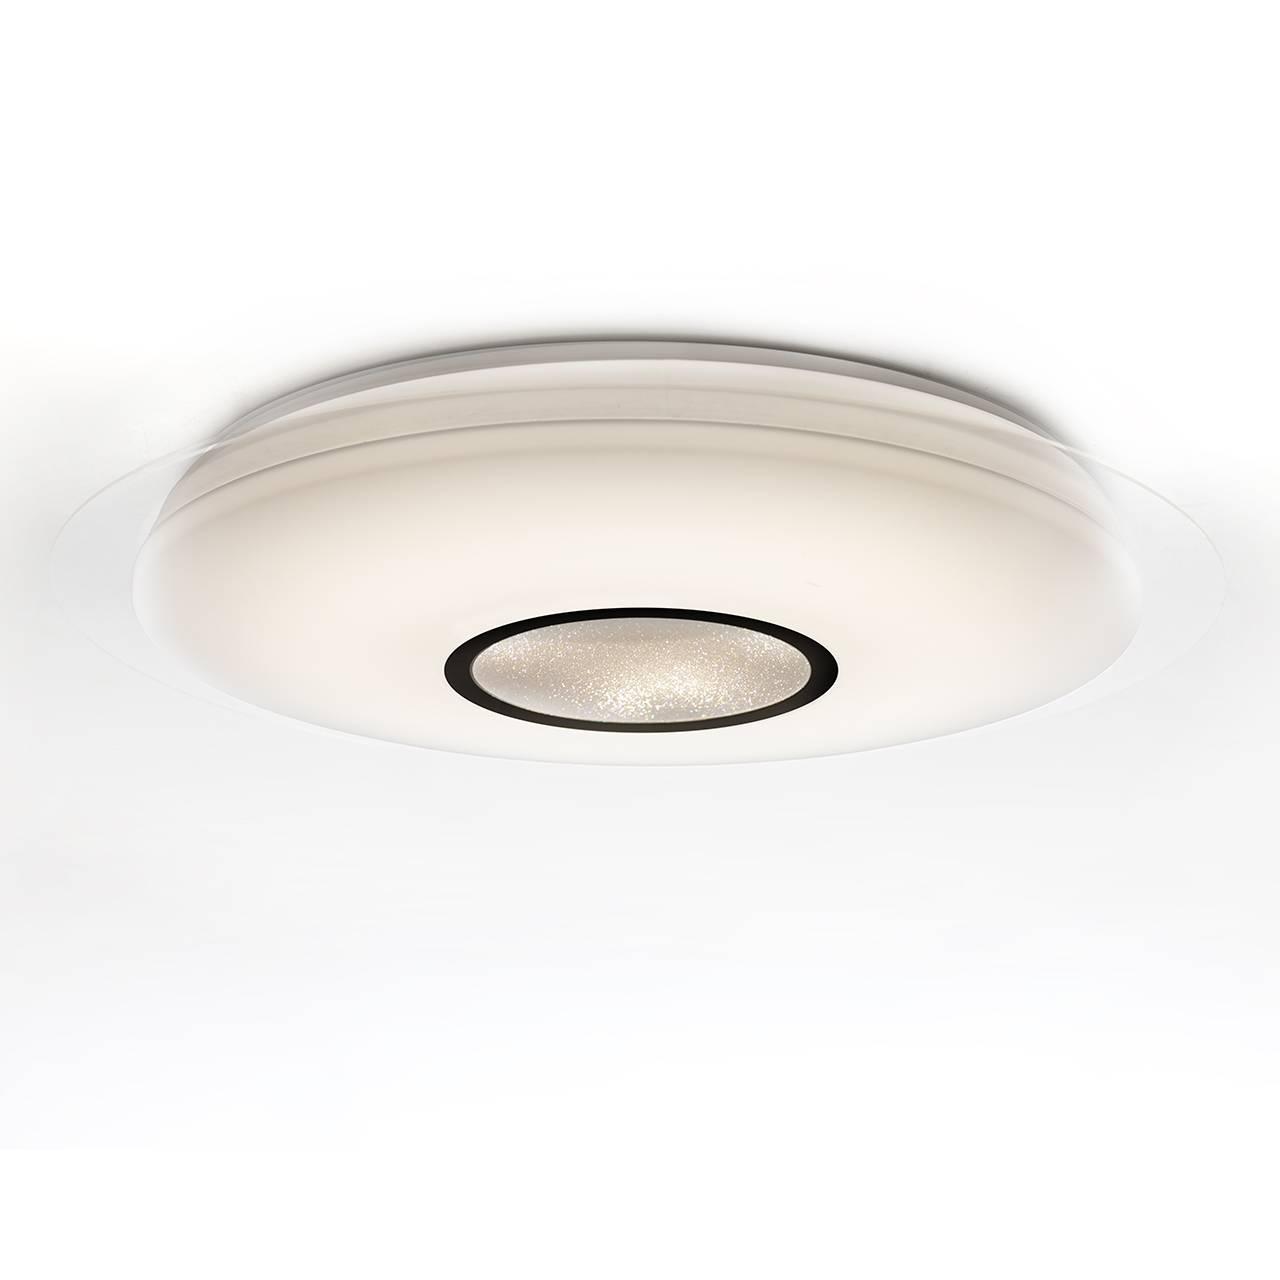 Потолочный светодиодный светильник Mantra Diamante 3694 потолочный светодиодный светильник mantra diamante 3679